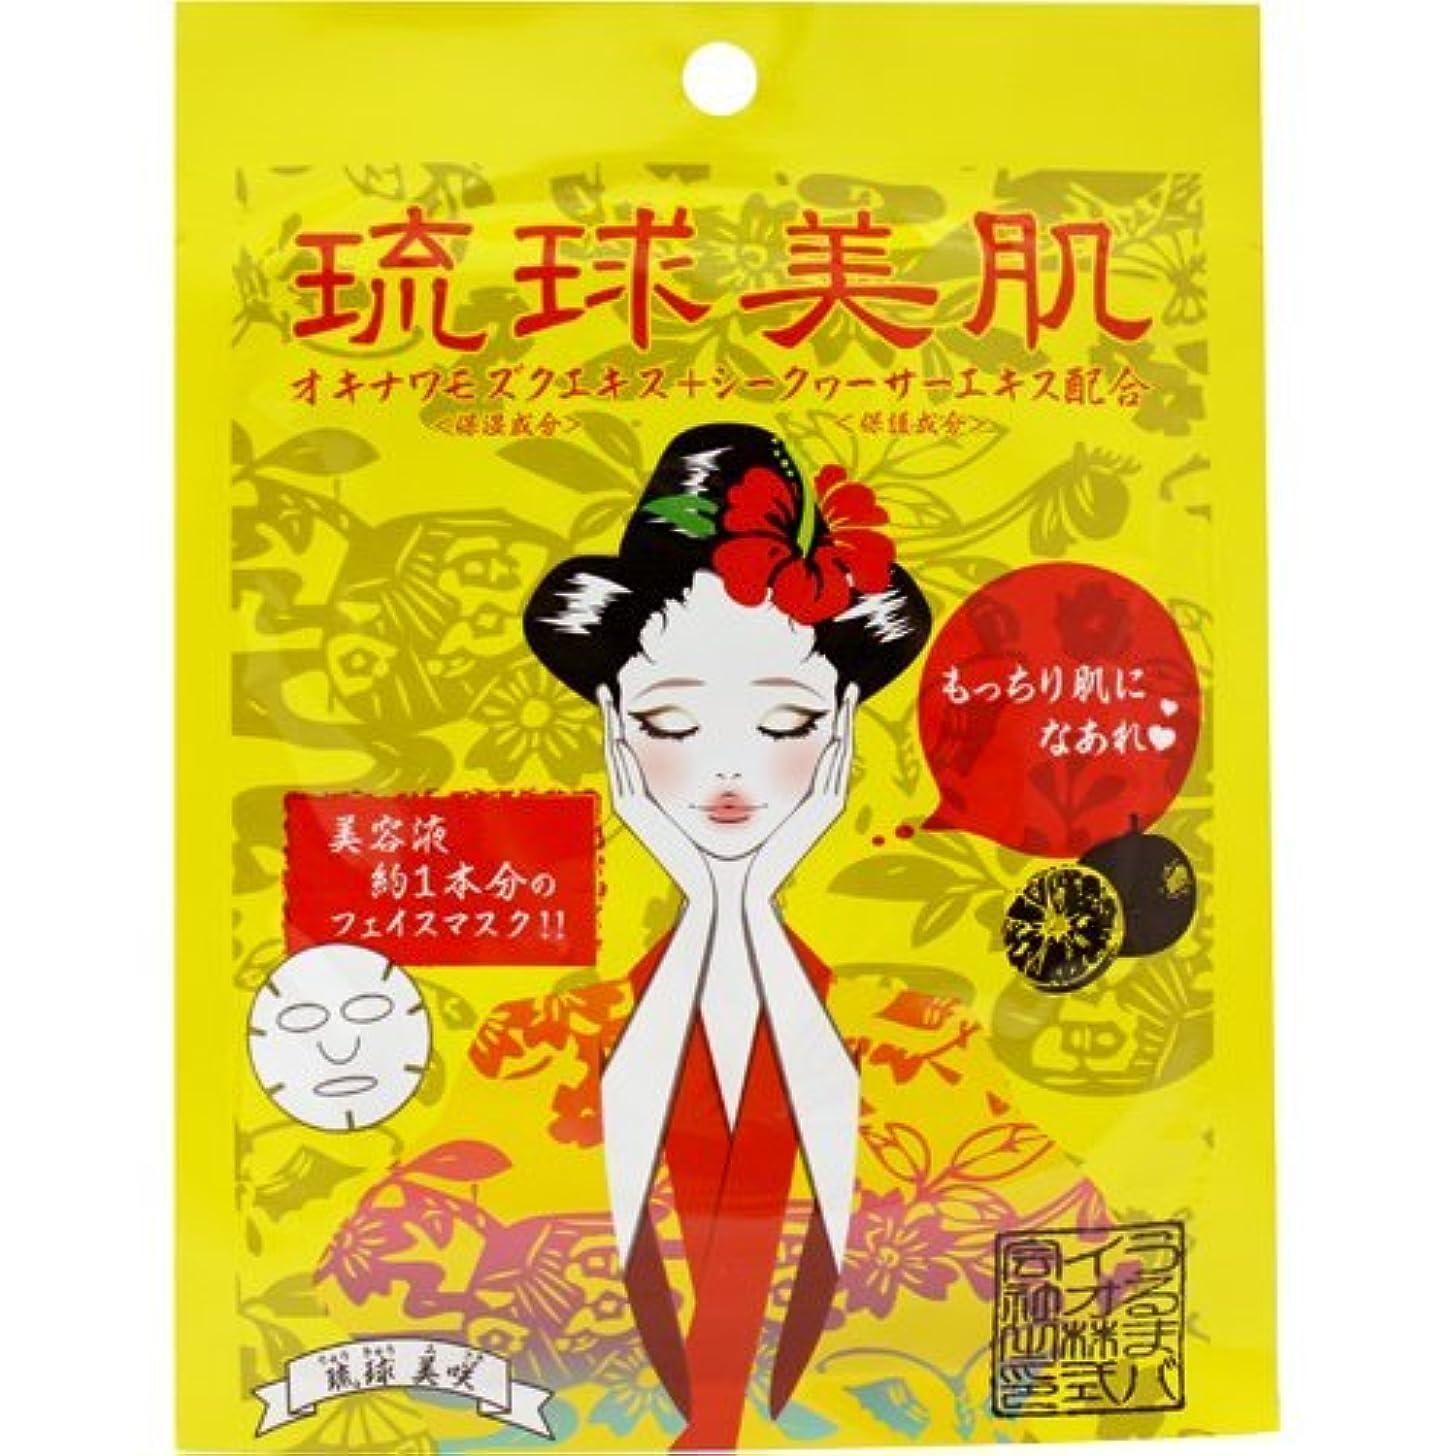 制限された平衡クレーン琉球美肌 フェイスマスクシート シークワーサー 10枚×3箱